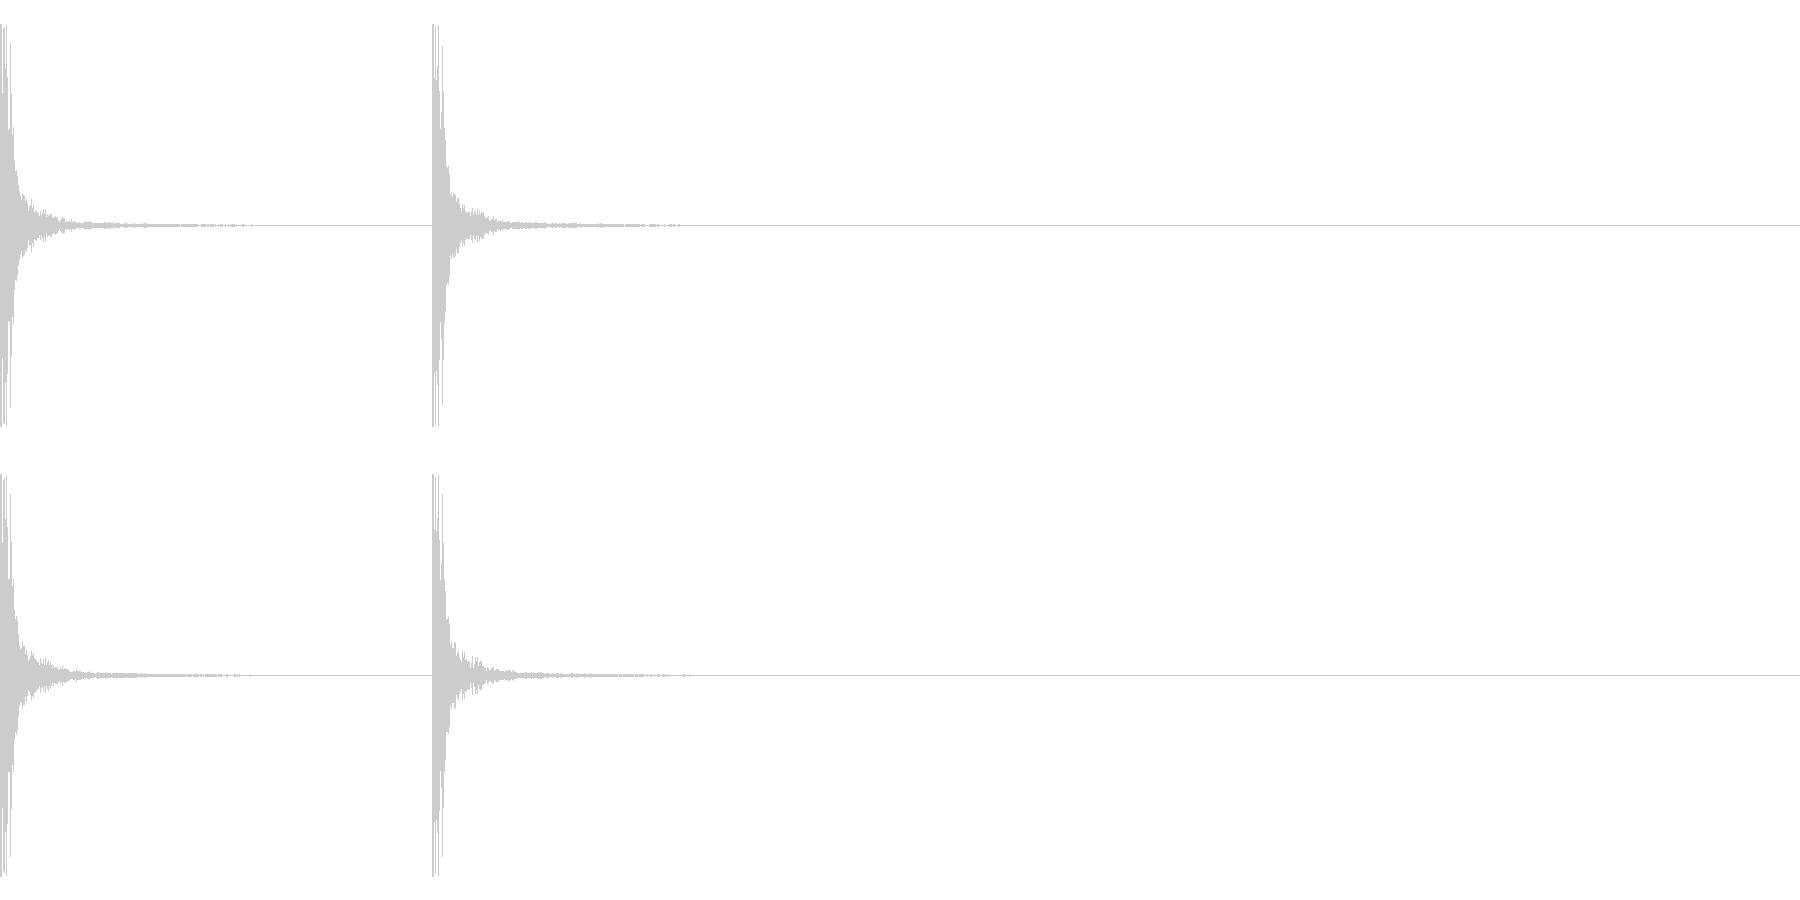 【生録音】拍子木の音 和風 7の未再生の波形